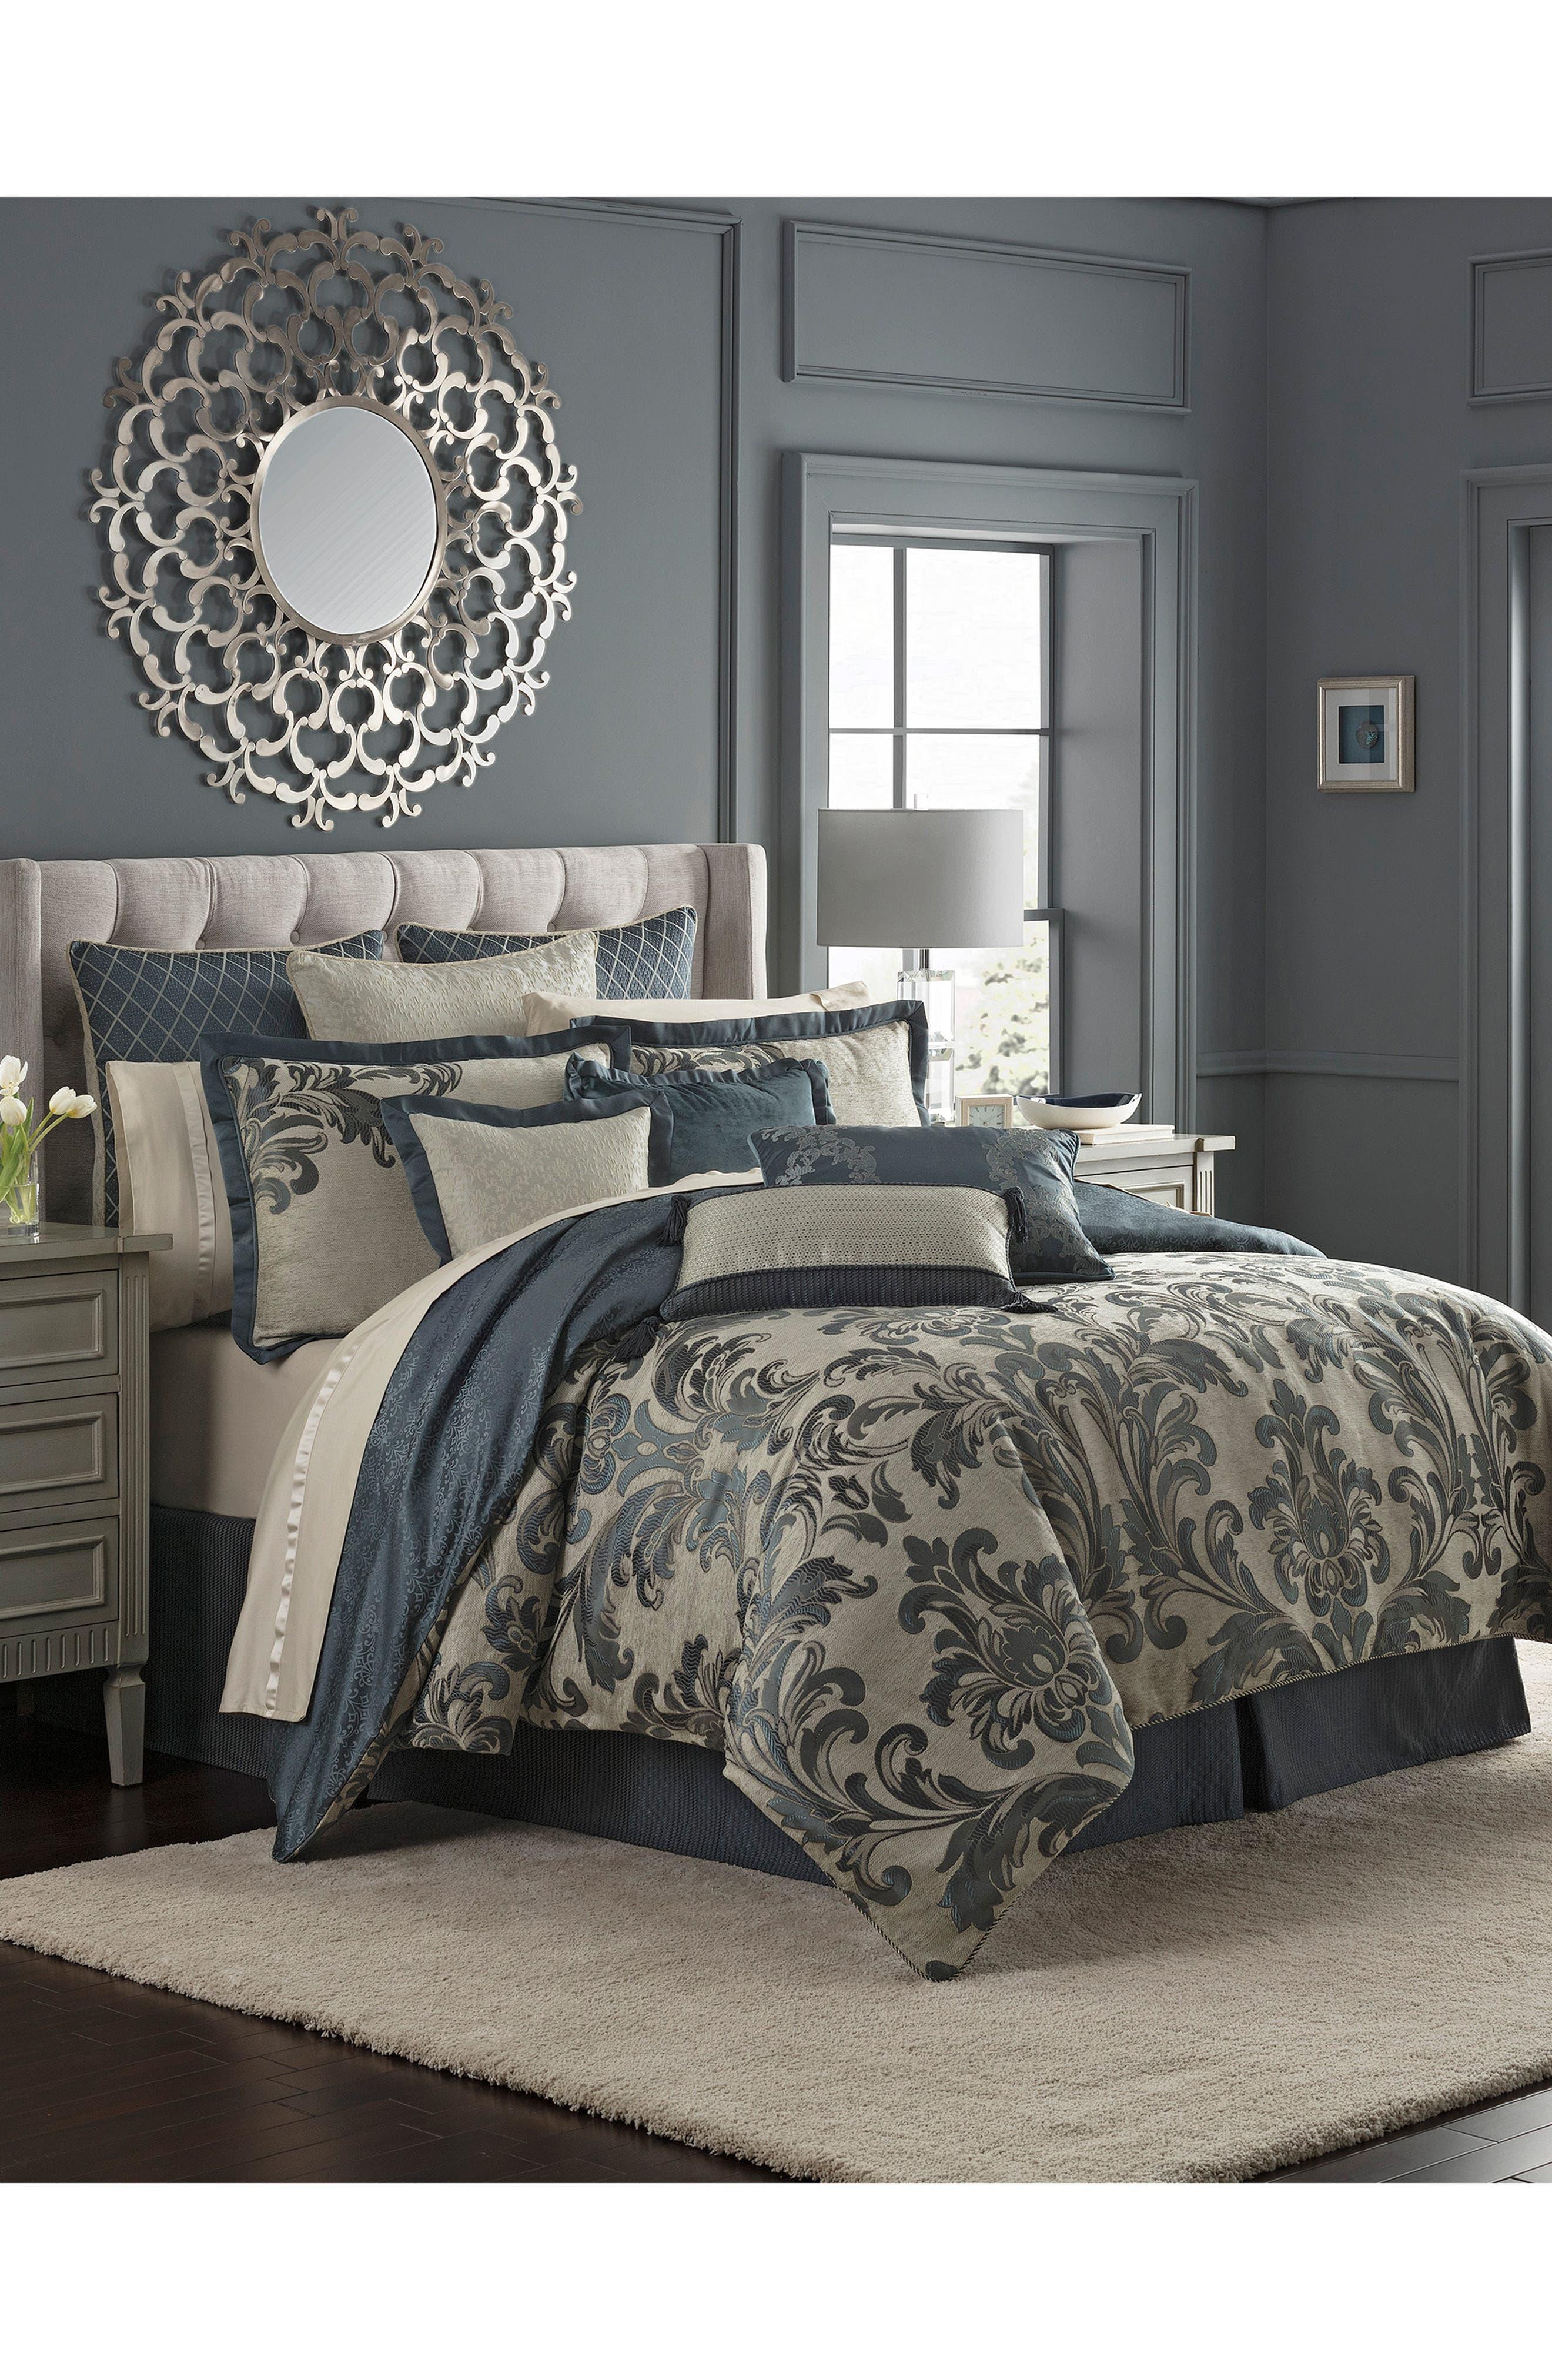 Everett Reversible Comforter, Sham & Bed Skirt Set,                             Alternate thumbnail 8, color,                             TEAL